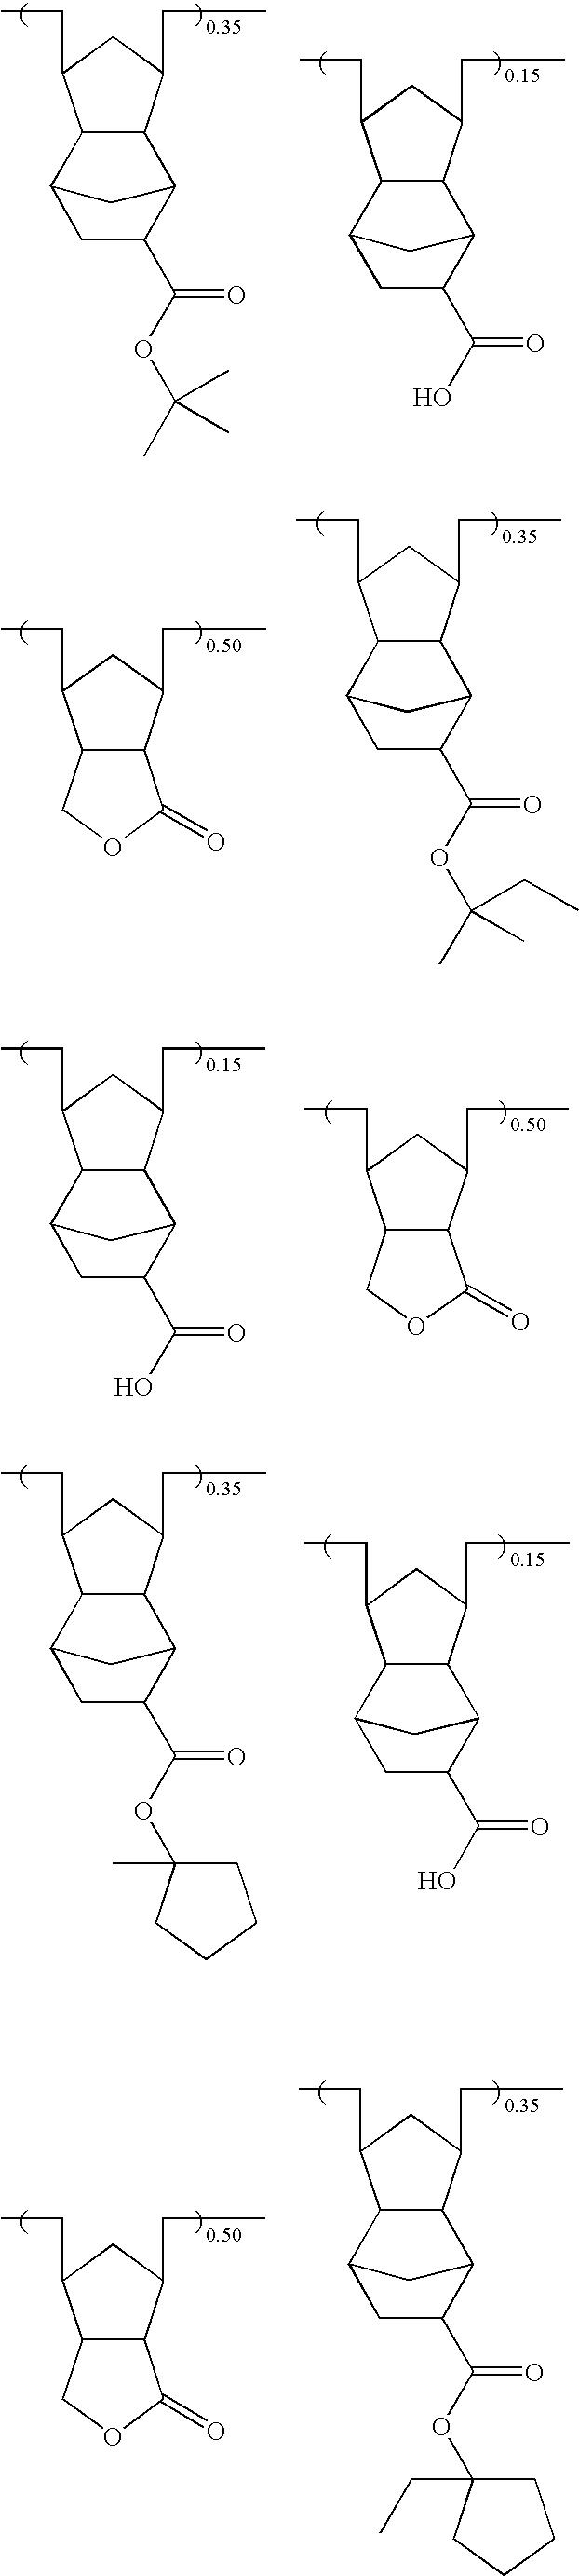 Figure US20070231738A1-20071004-C00055